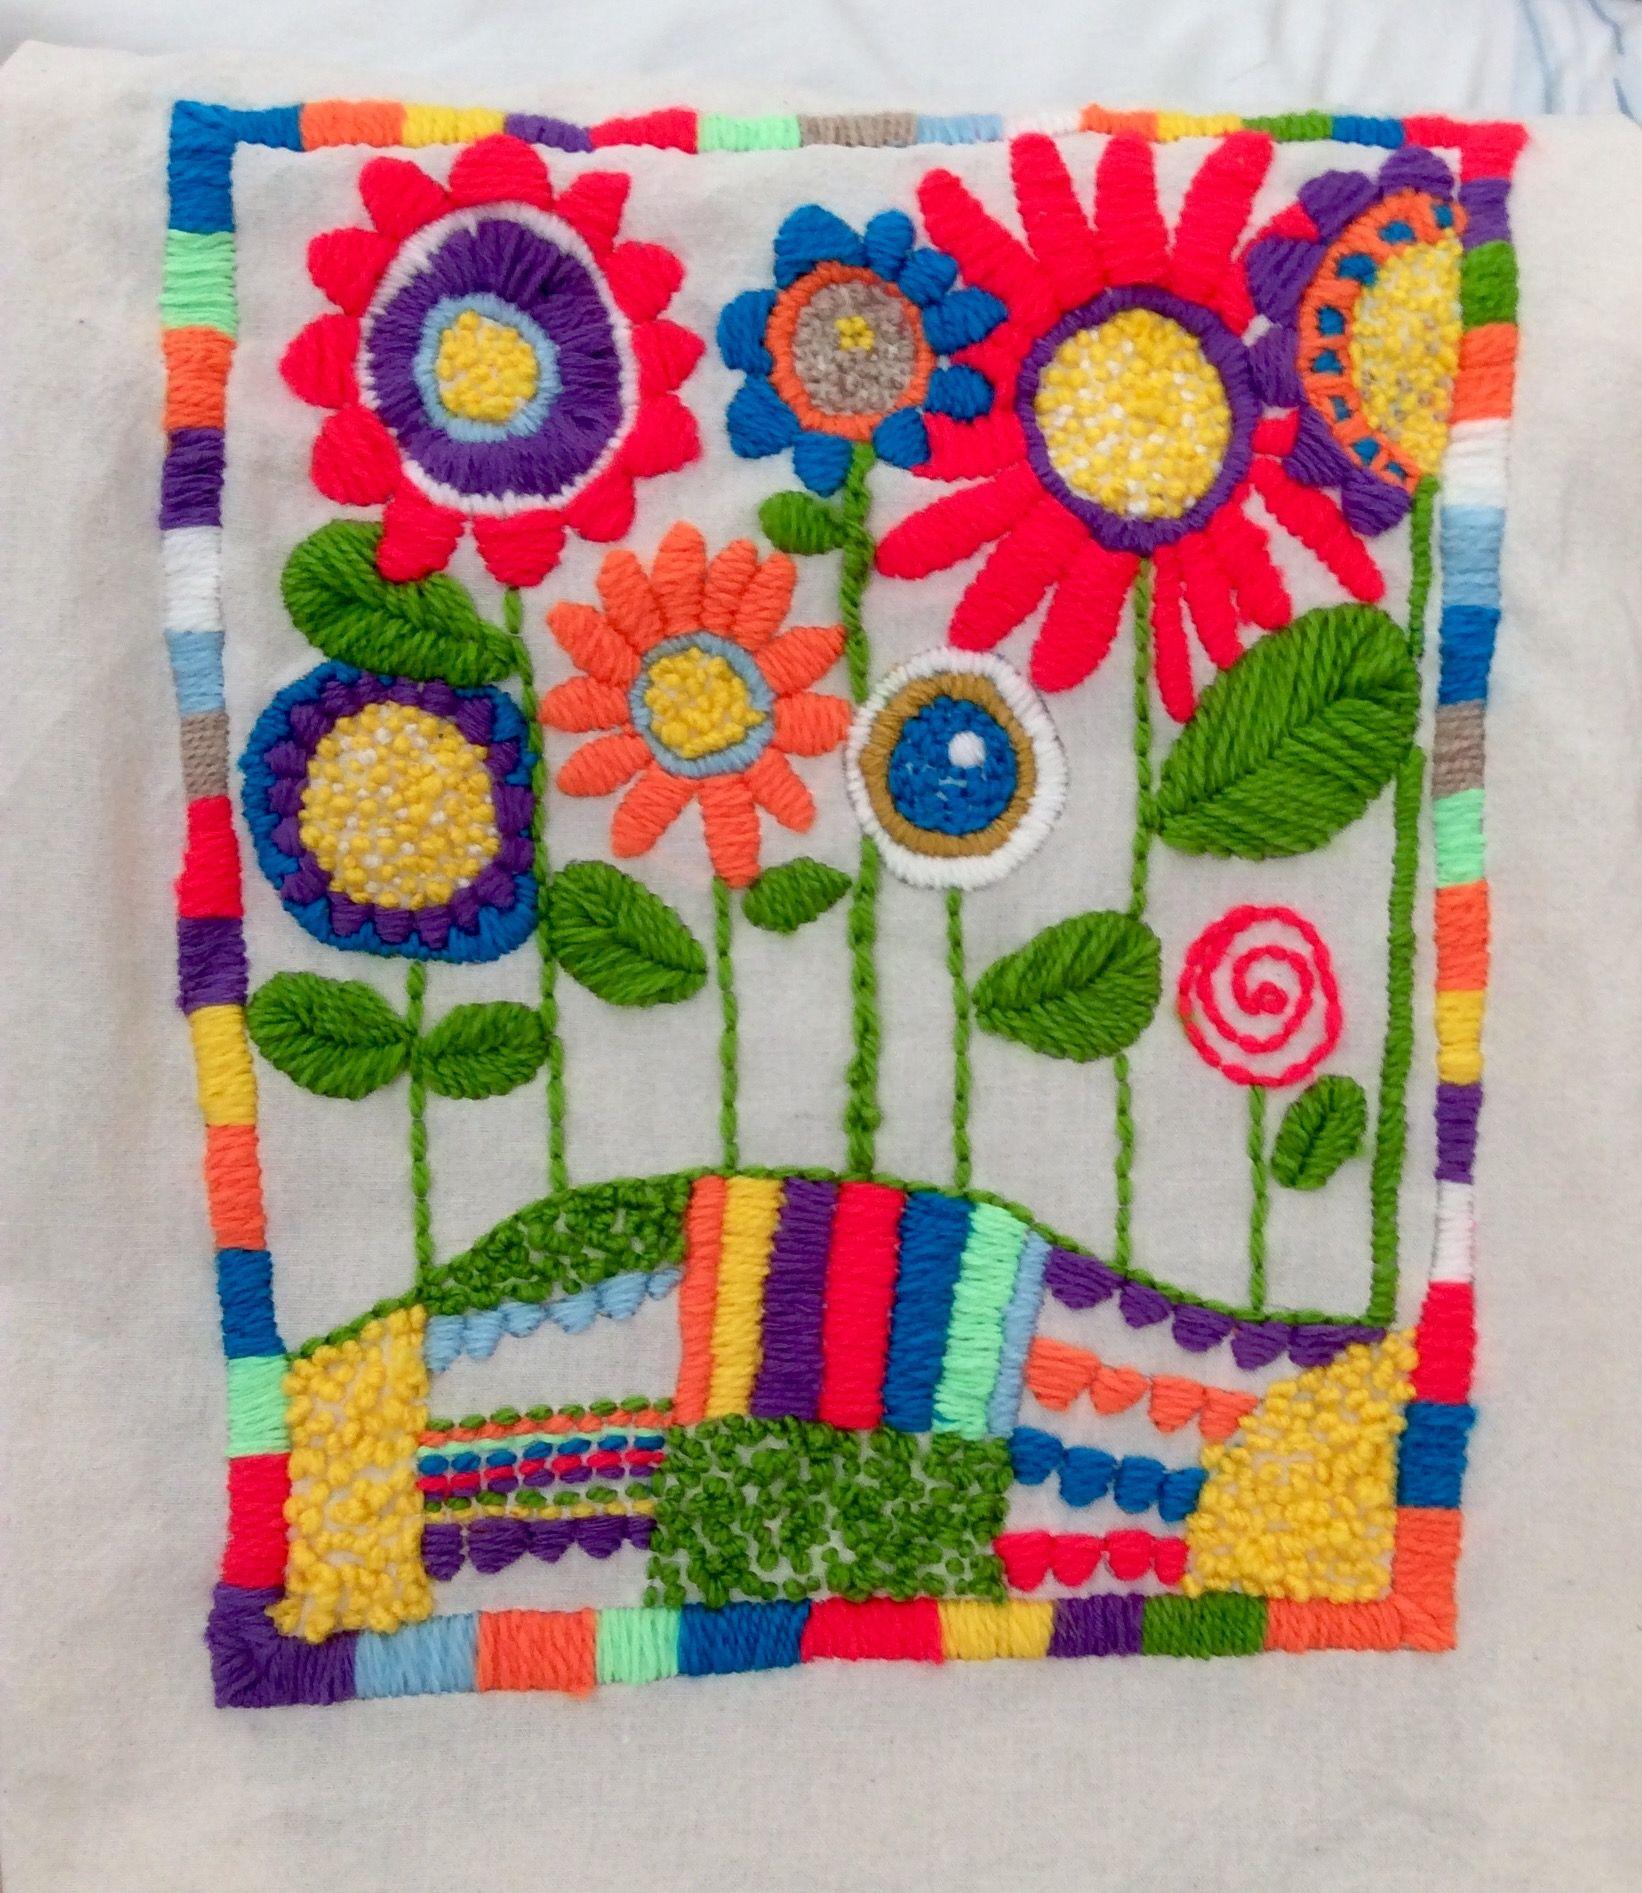 Bordado cosas q quiero hacer pinterest embroidery crochet and